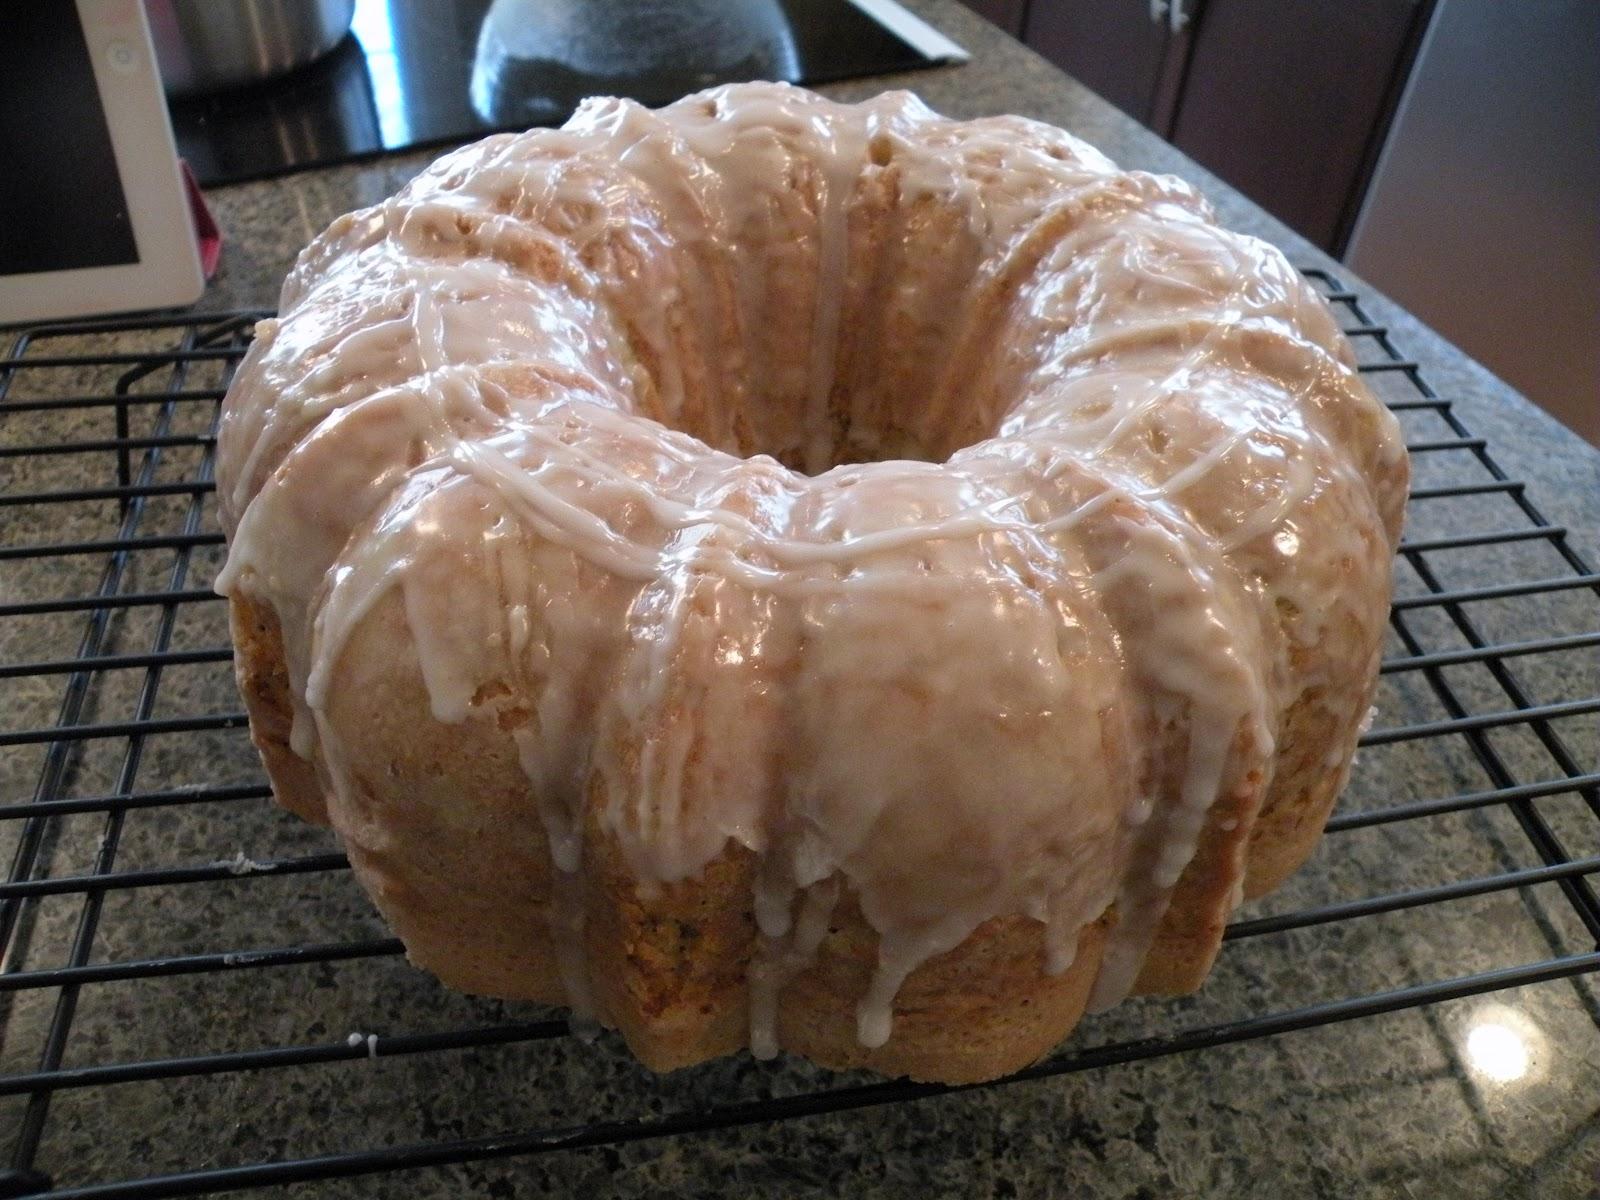 Lo a bundt cake! A lemon poppy seed bundt cake.